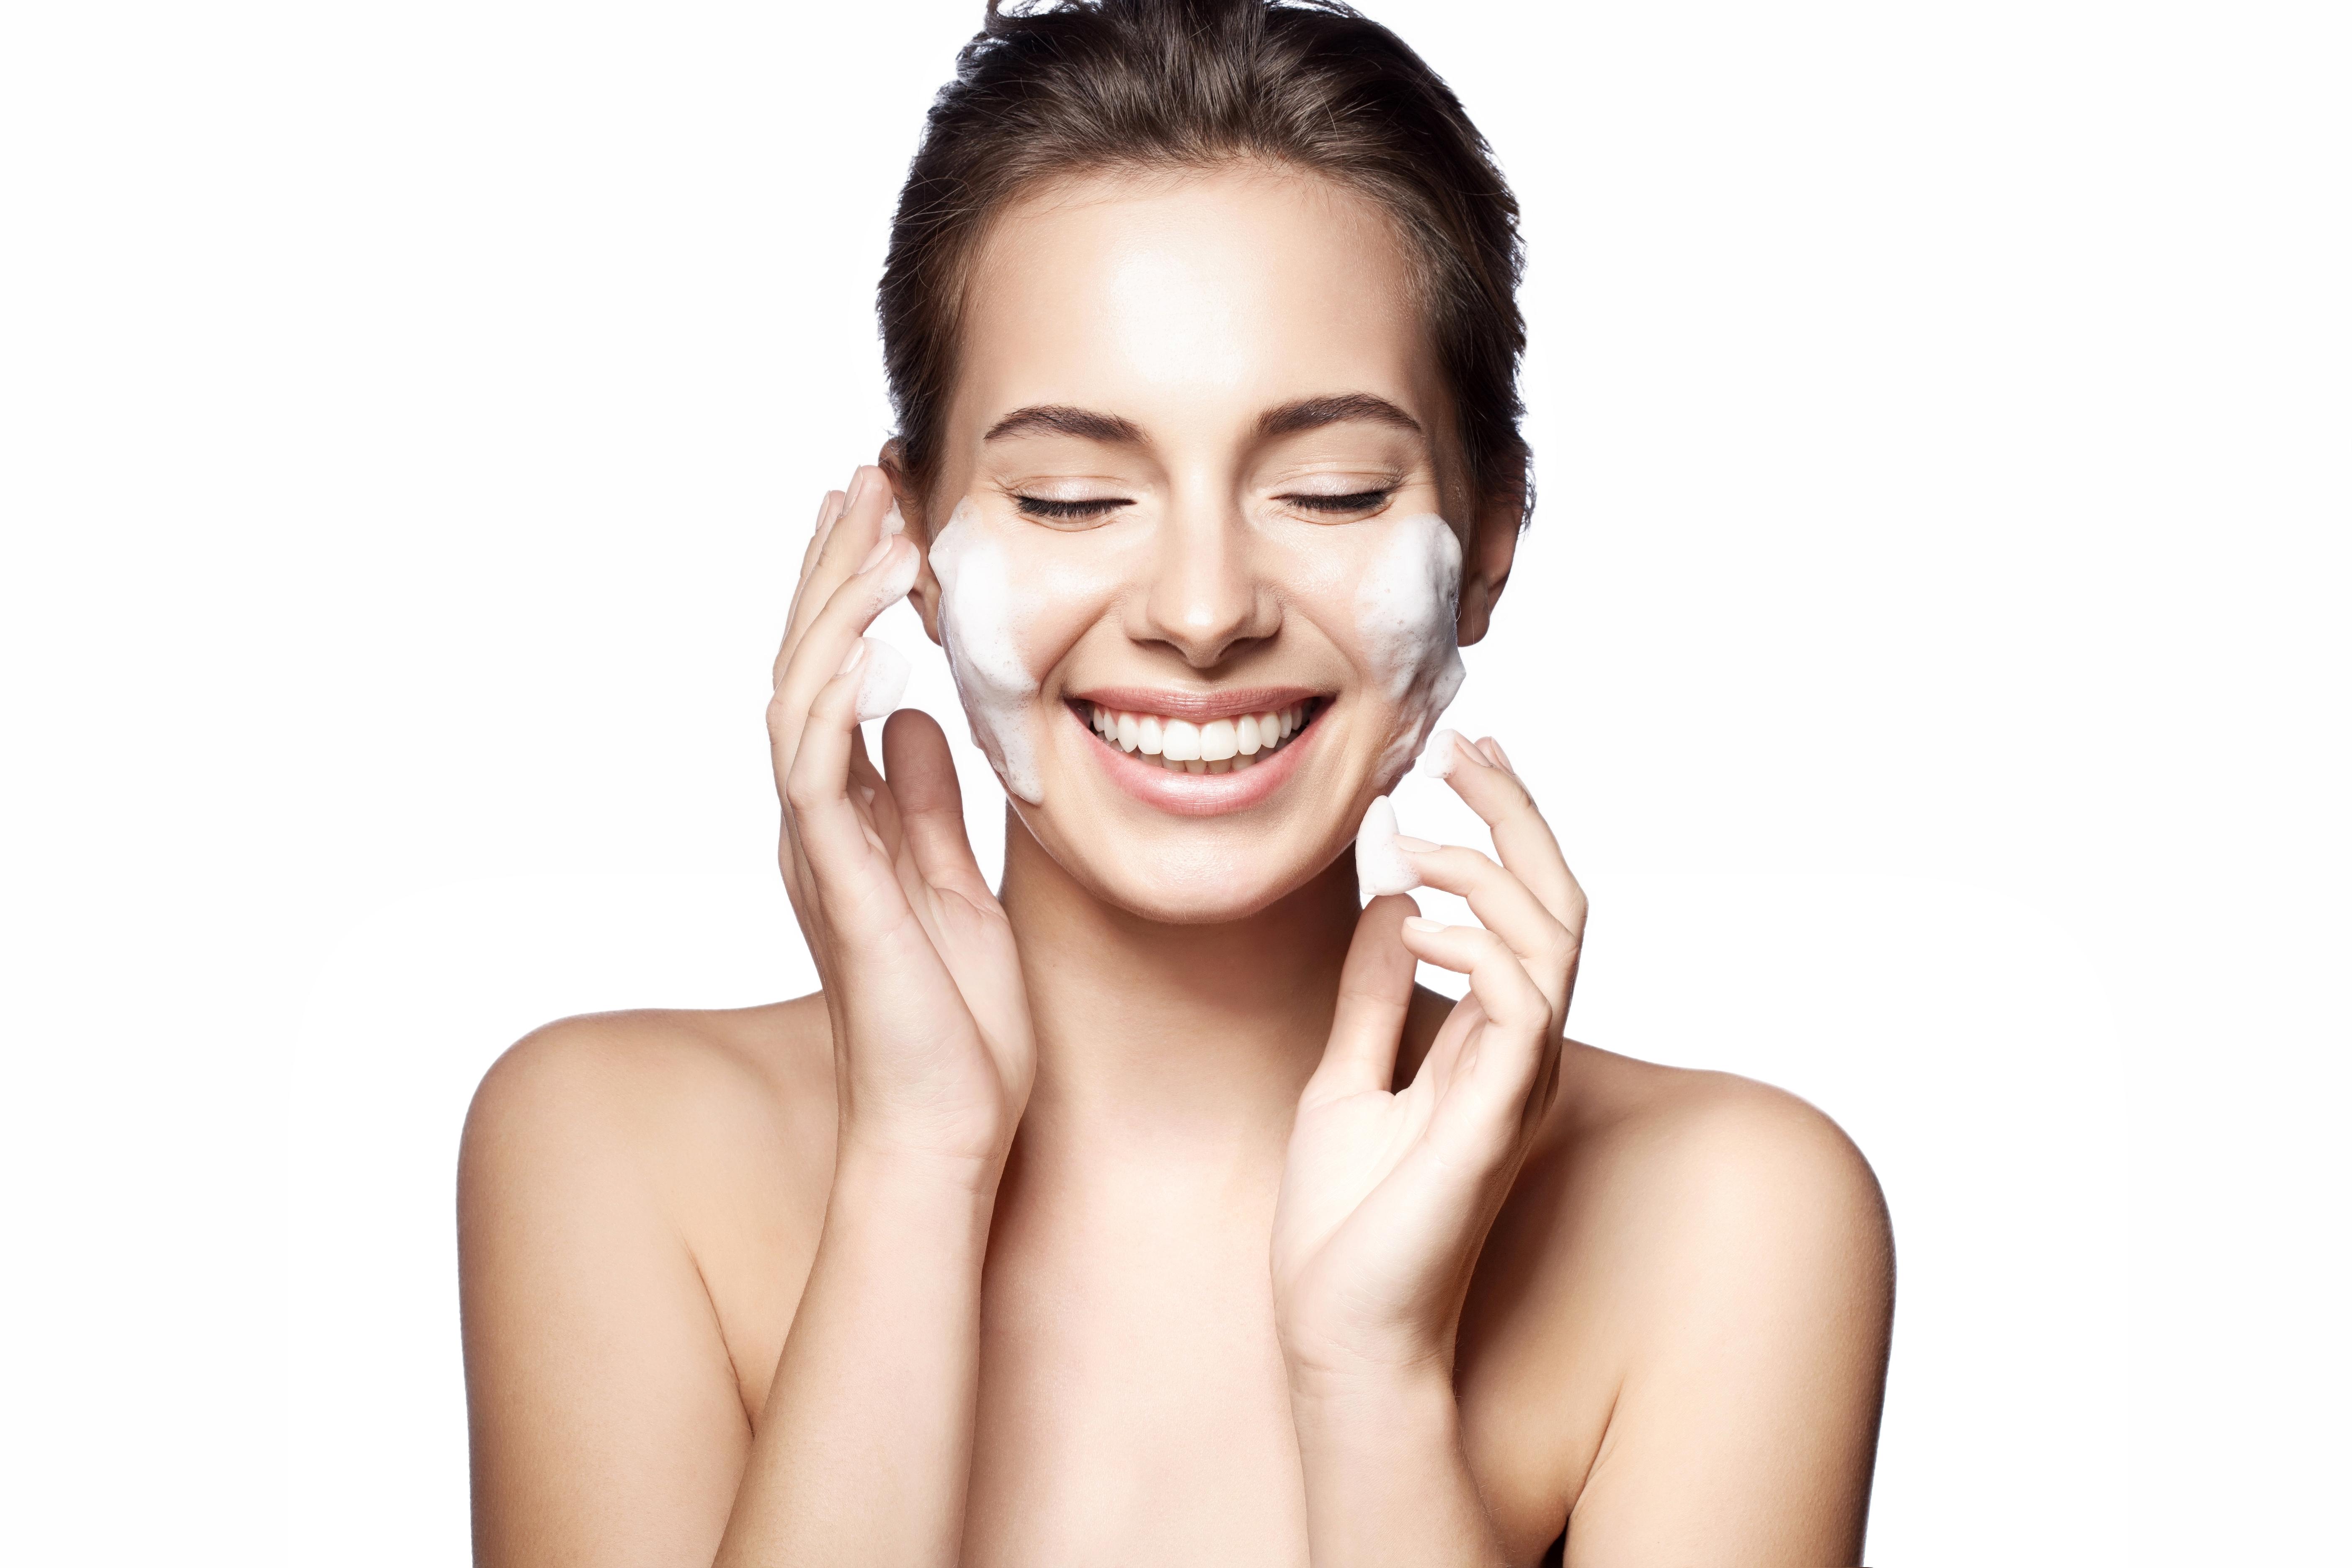 Best Natural Skin Cream For Wrinkles